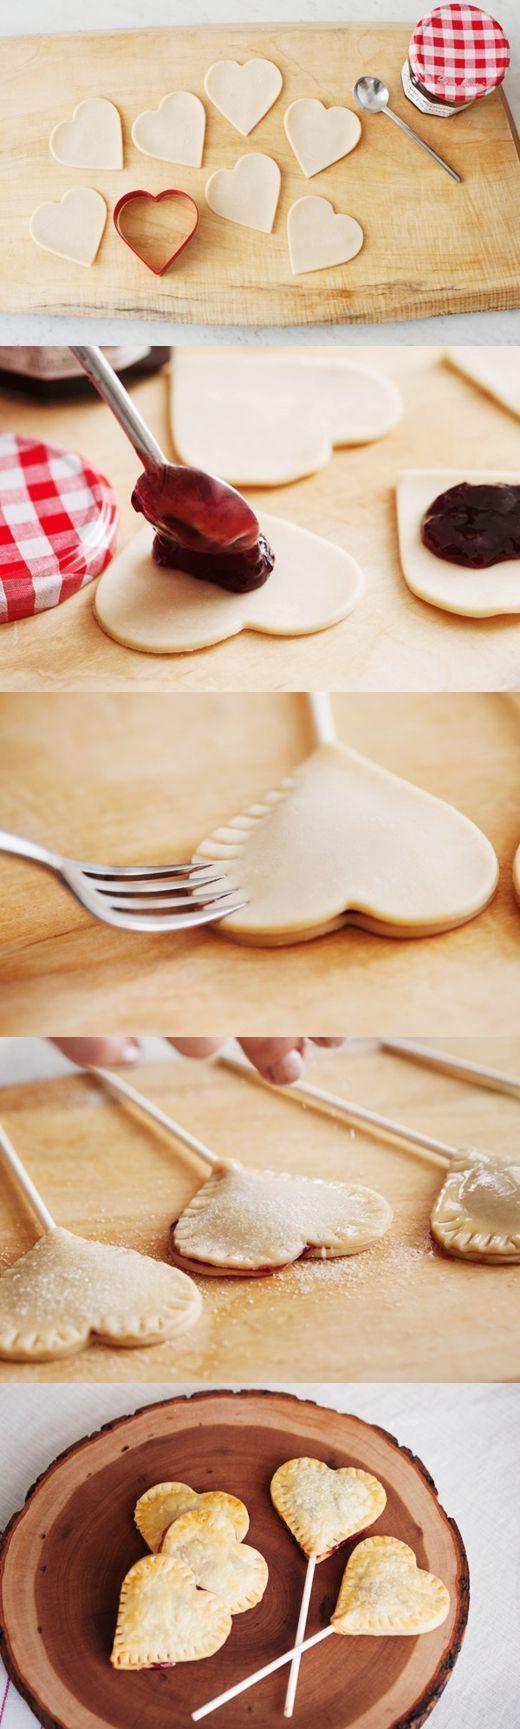 DIY Heart Cookies